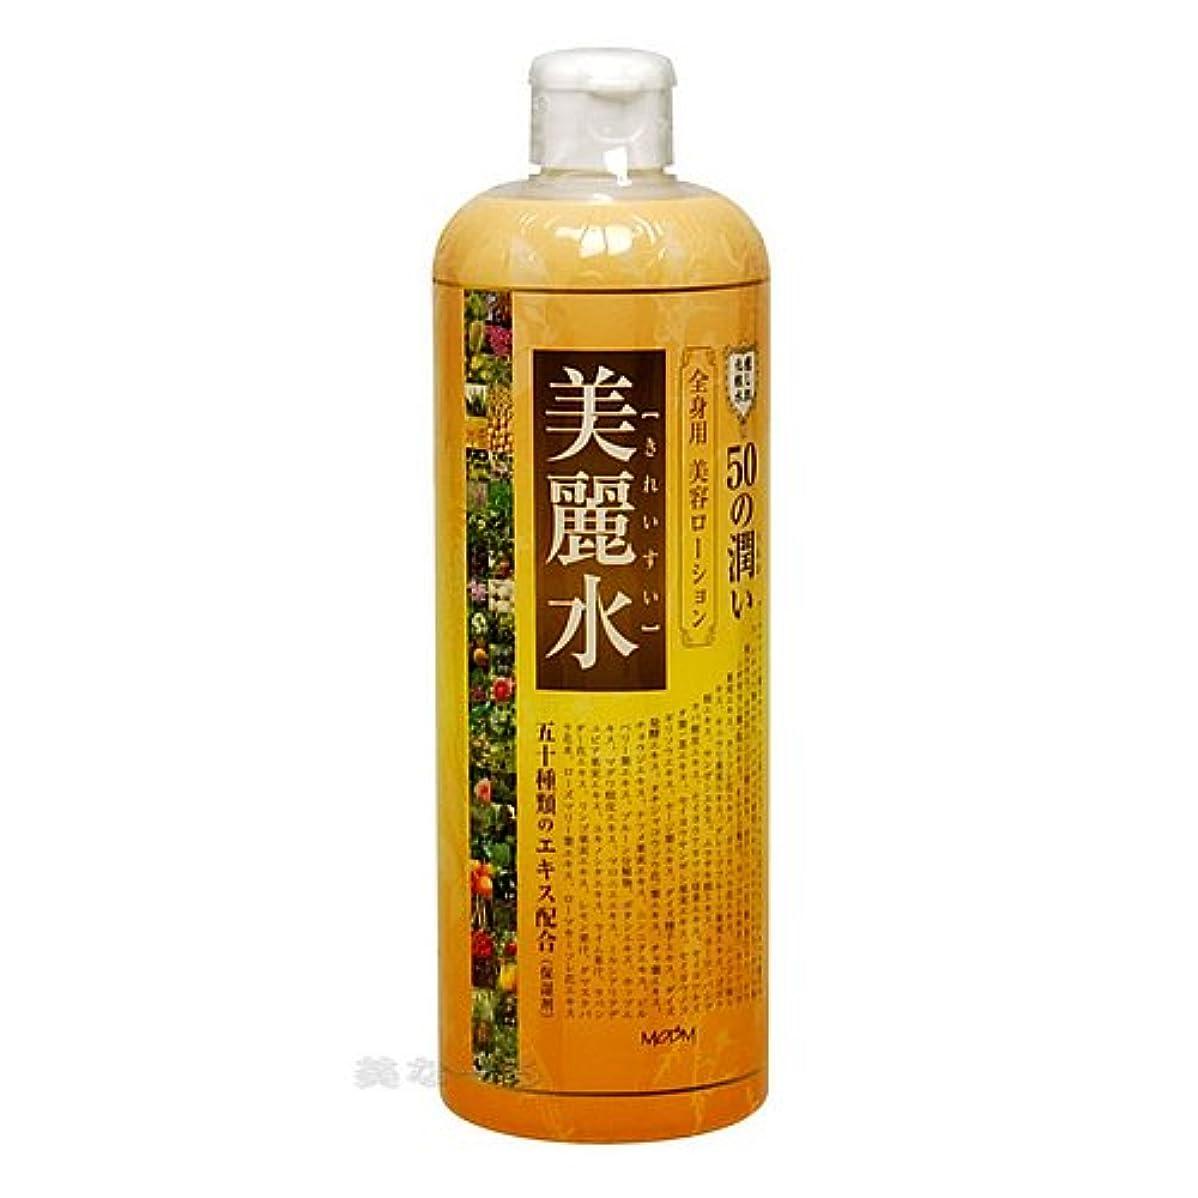 奇跡タービン櫛モデム ナチュラルウォーター50 【美麗水】